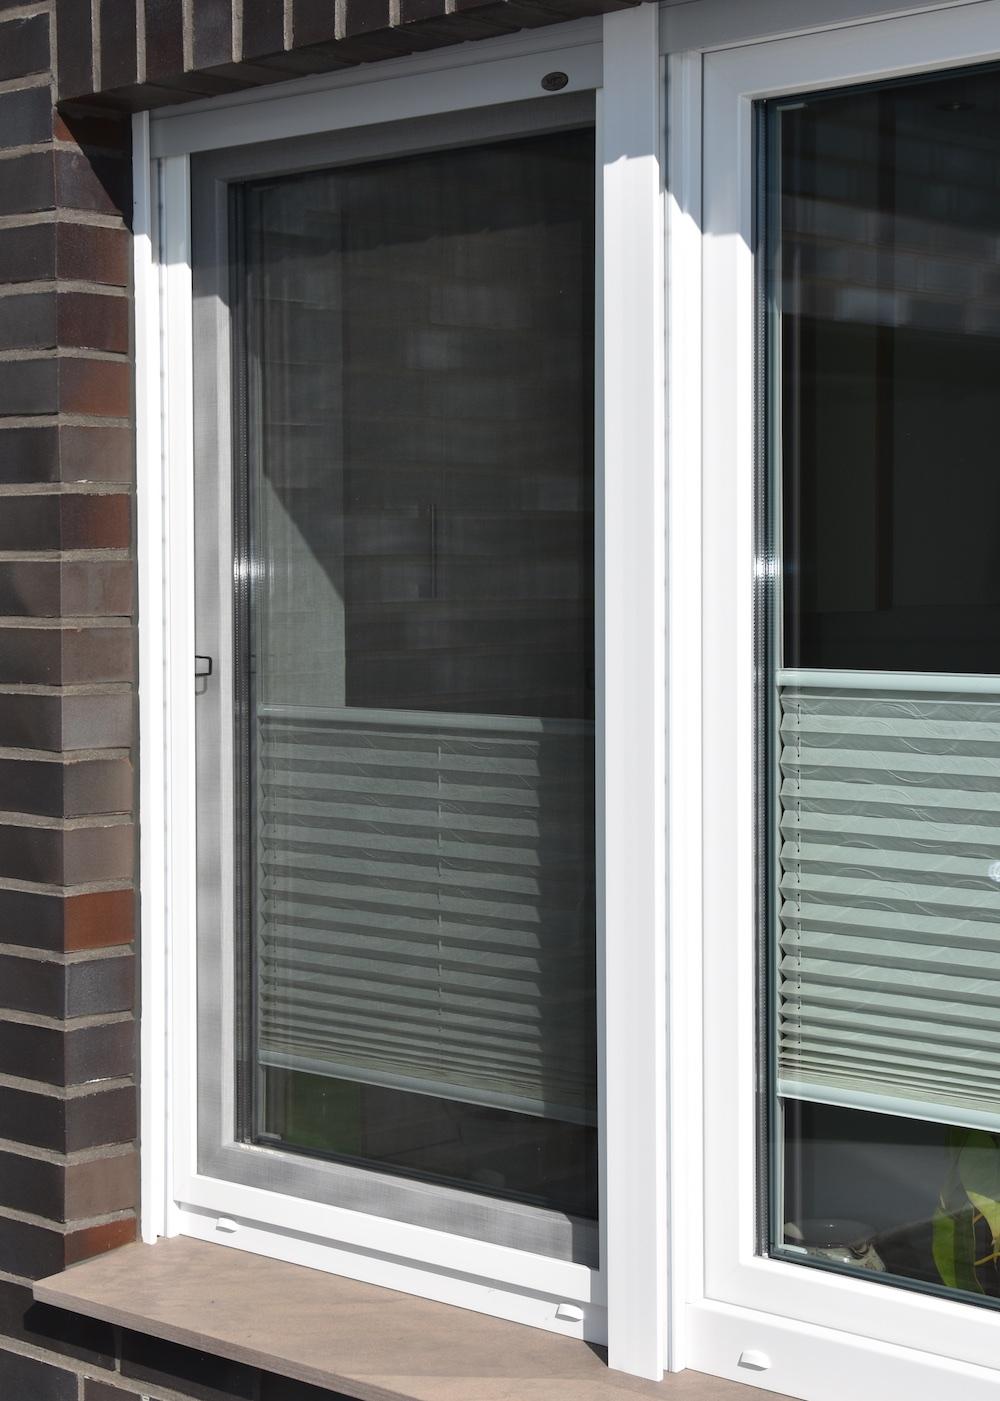 Full Size of Der Die Ou Das Fenster Fensterdeko Weihnachten Led Deko Licht Detail Dwg Dekoration Plissee Deutschland Artikel Preise Aus Schnitt Cad Hersteller Ist Oder 2018 Fenster Fenster.de